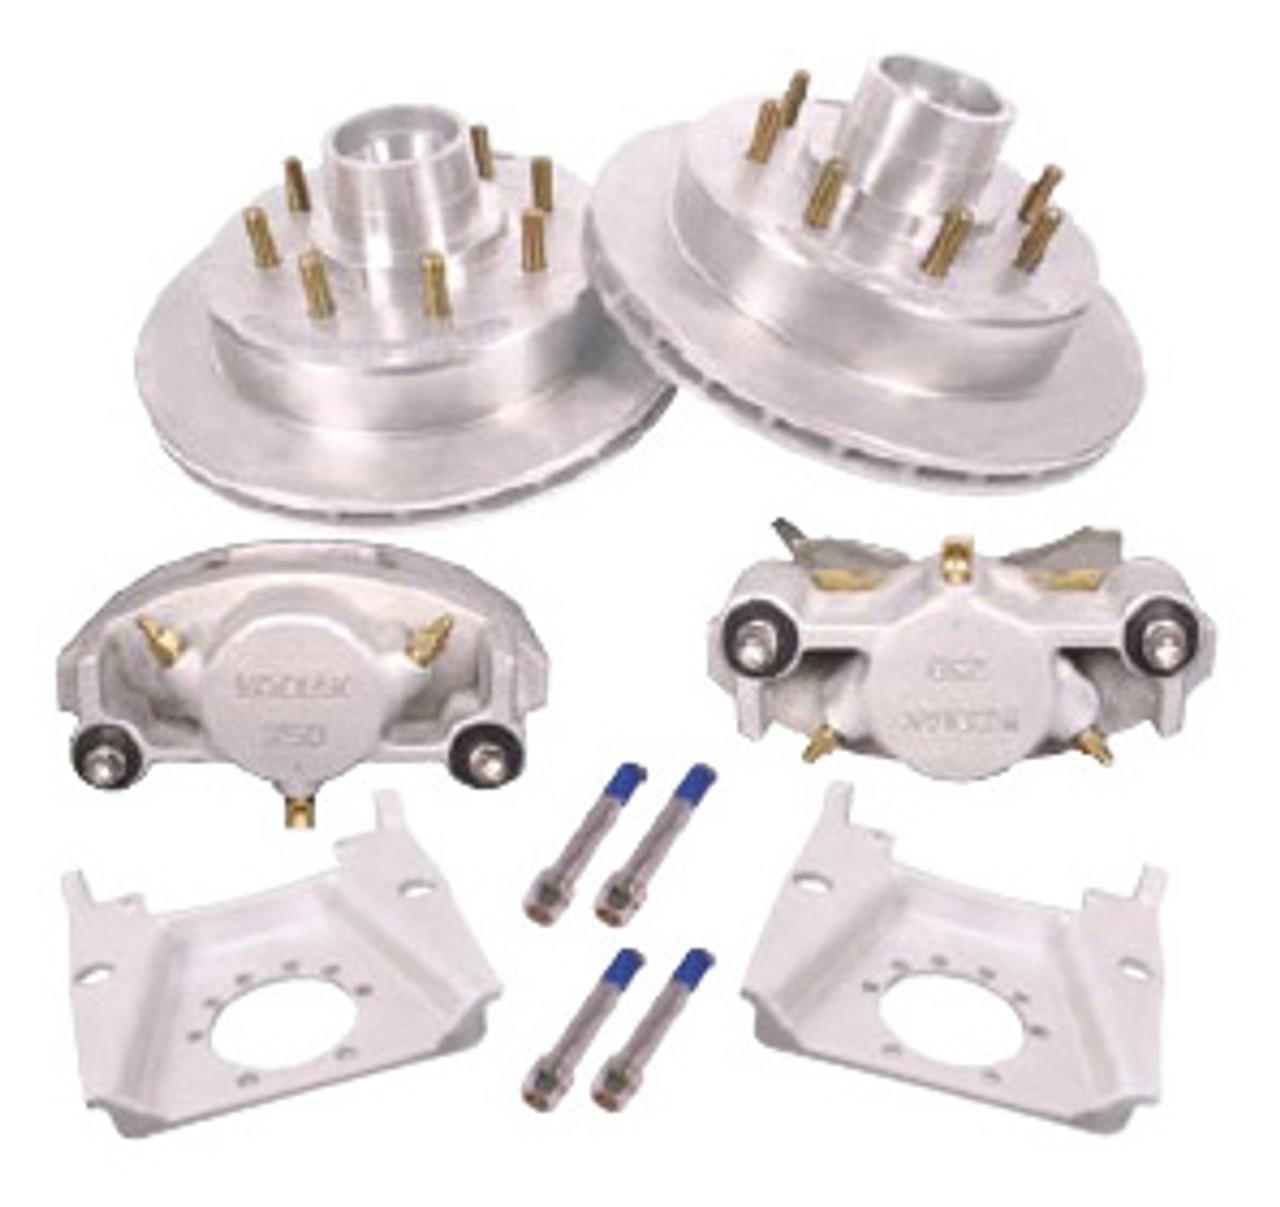 """KOD-133-72-10 --- 13"""" Kodiak Disc Brake Kit for 7,200 lb Dexter Axles Only - 5/8"""" Studs - 8 on 6-1/2"""" - Pair"""